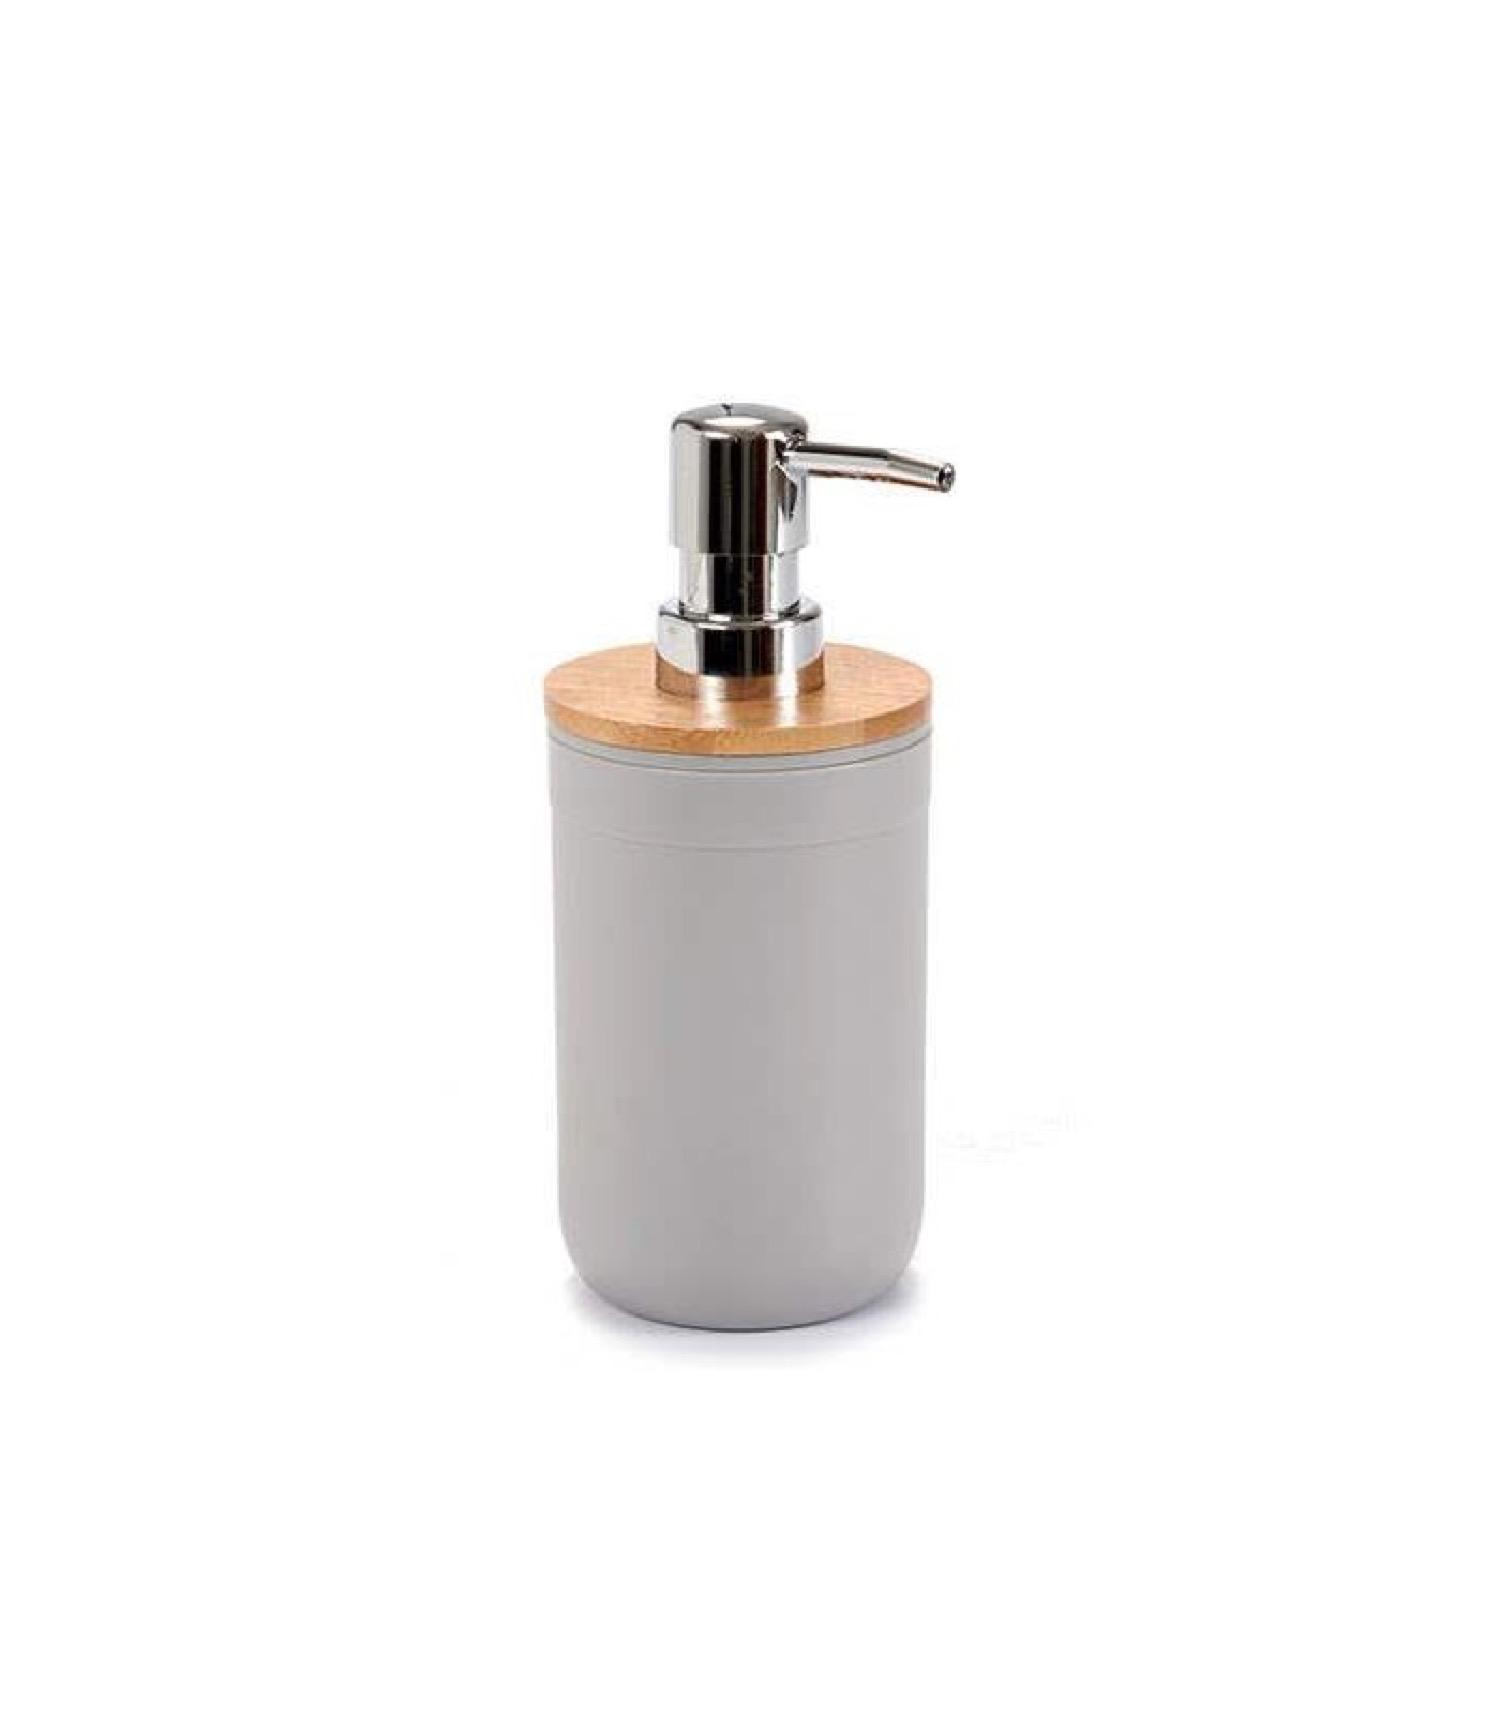 Distributeur de savon gris et bambou